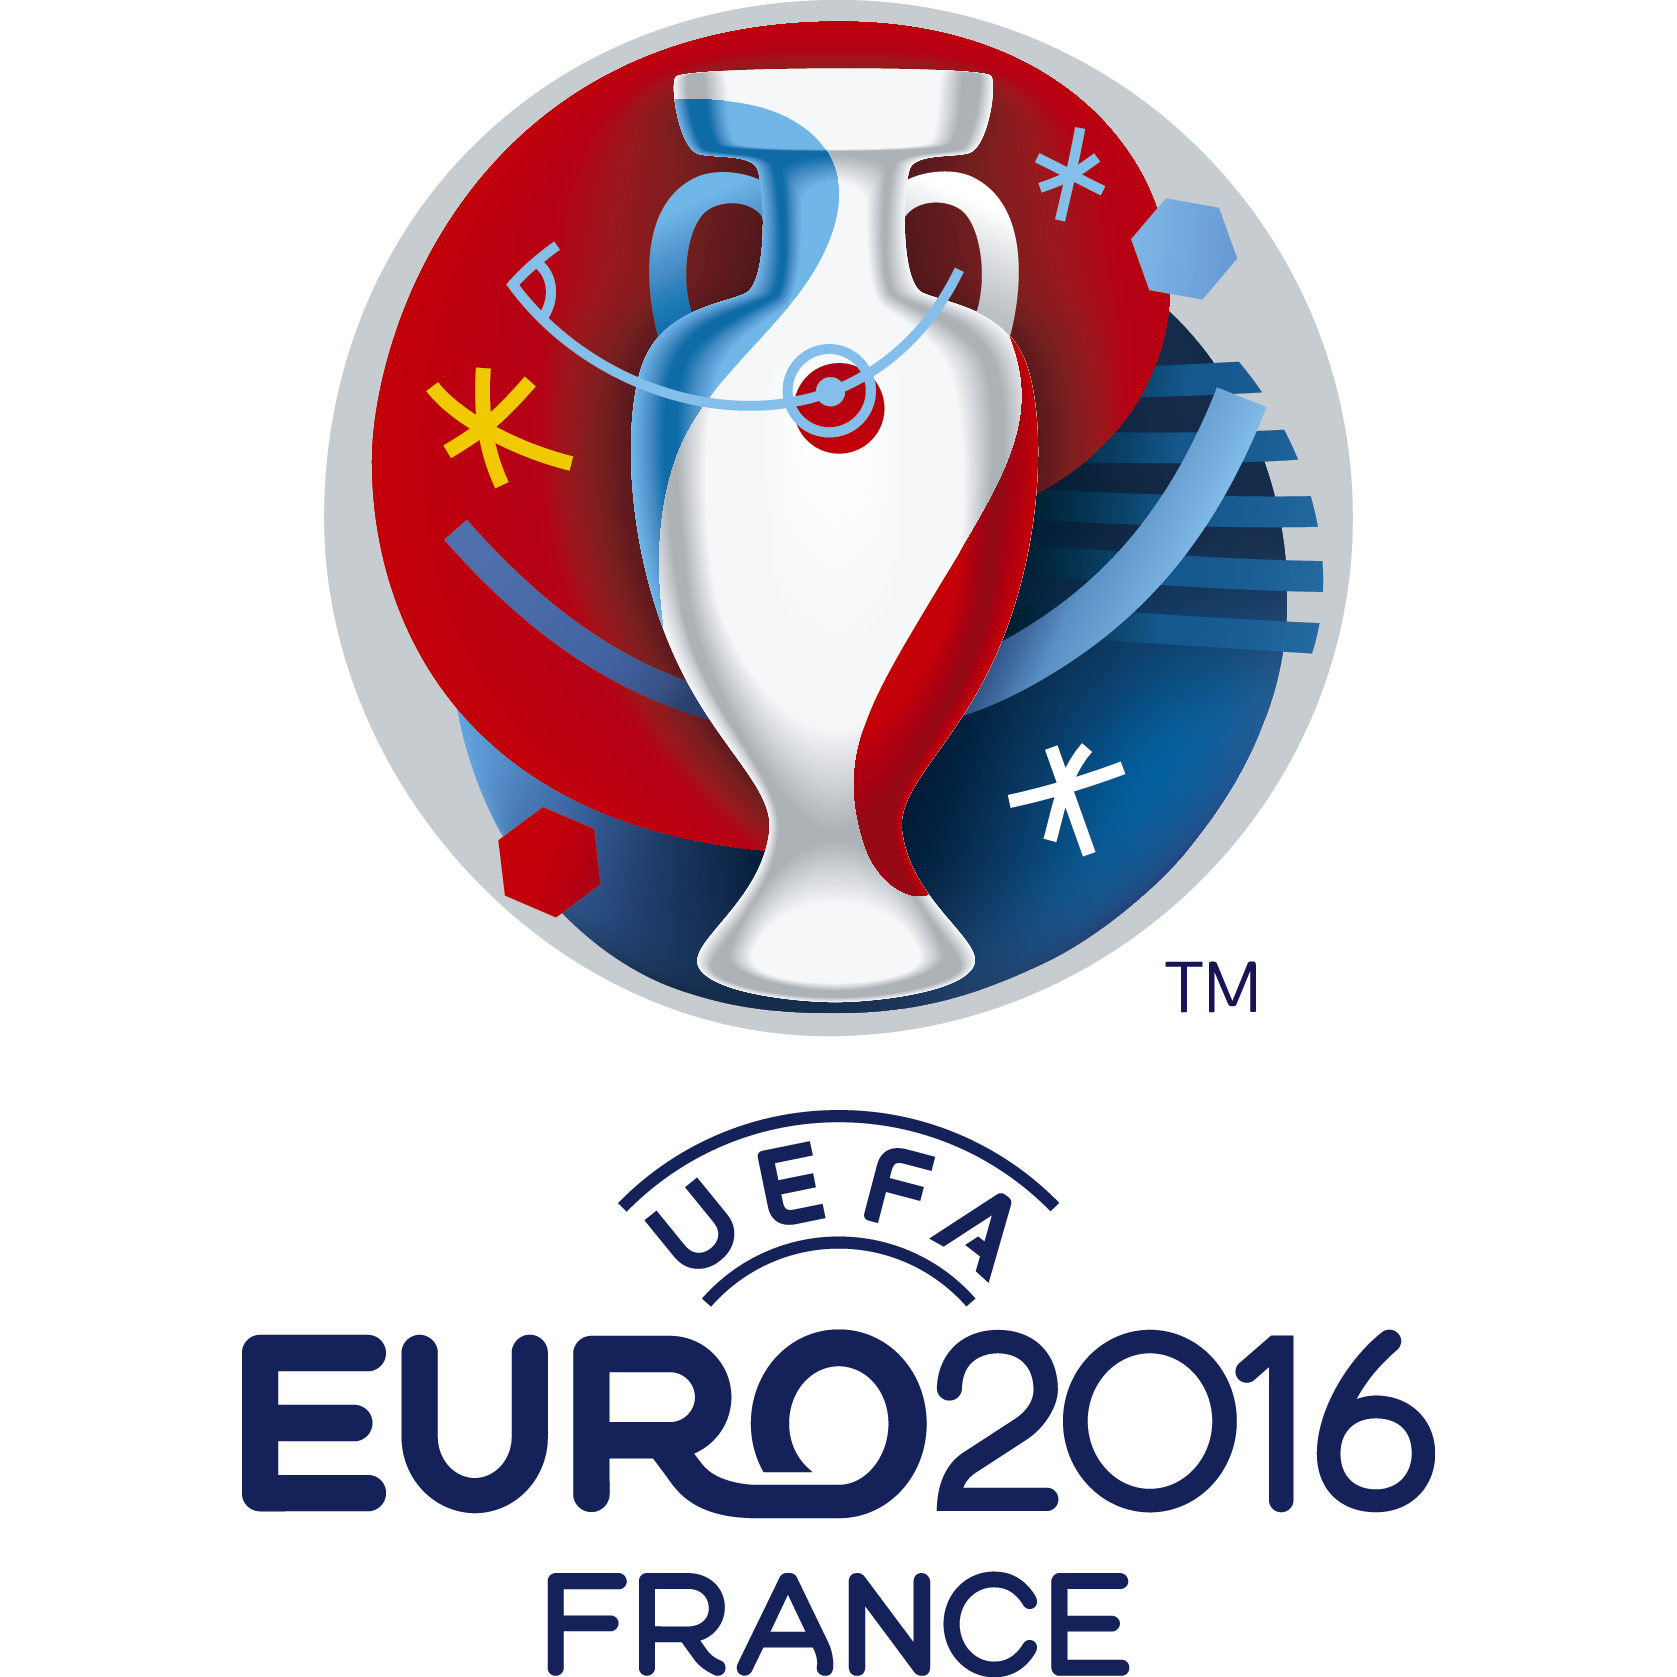 2016 UEFA Euro